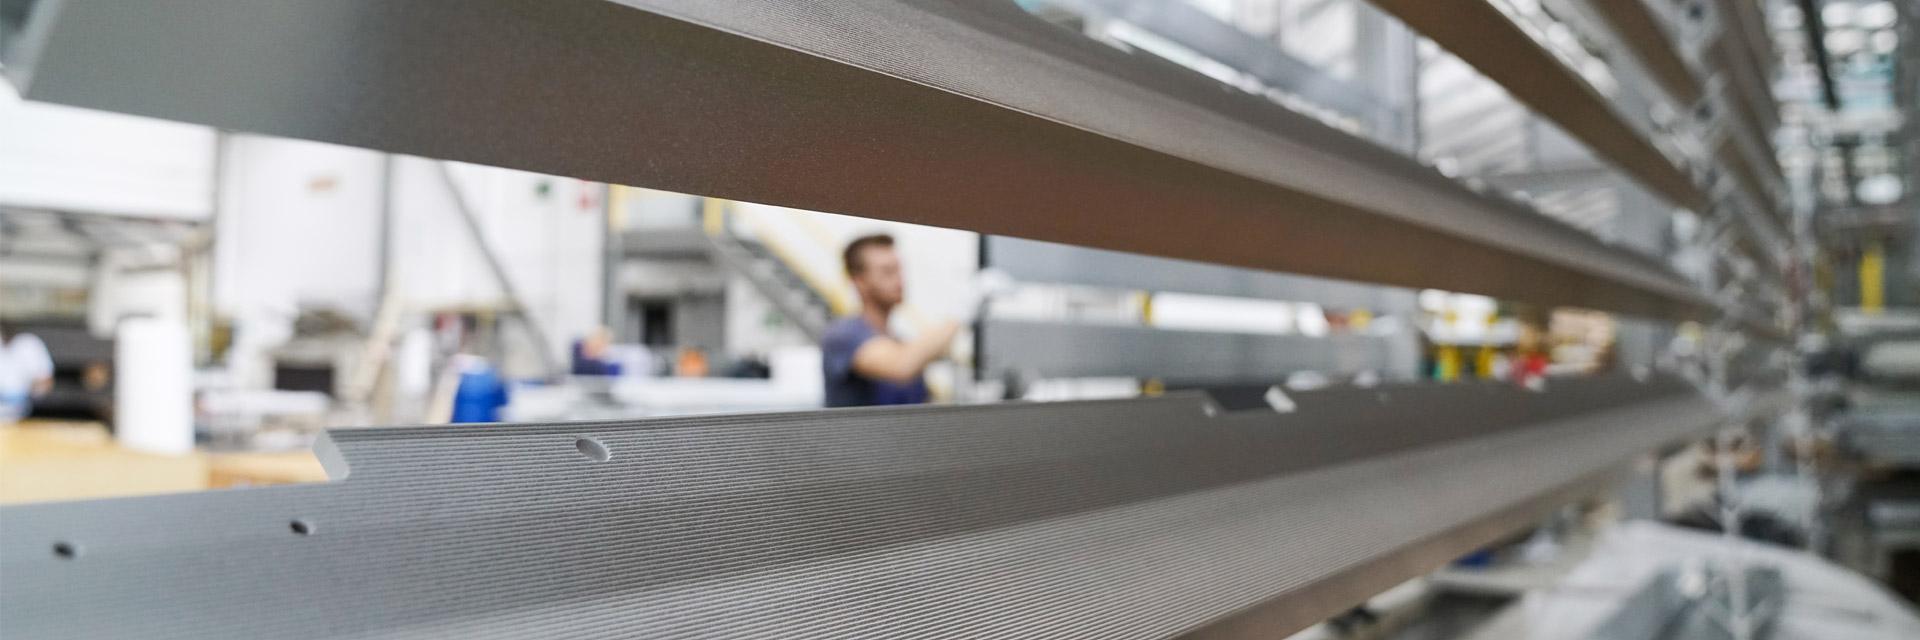 Blick in die Werkshalle der HD Wahl GmbH